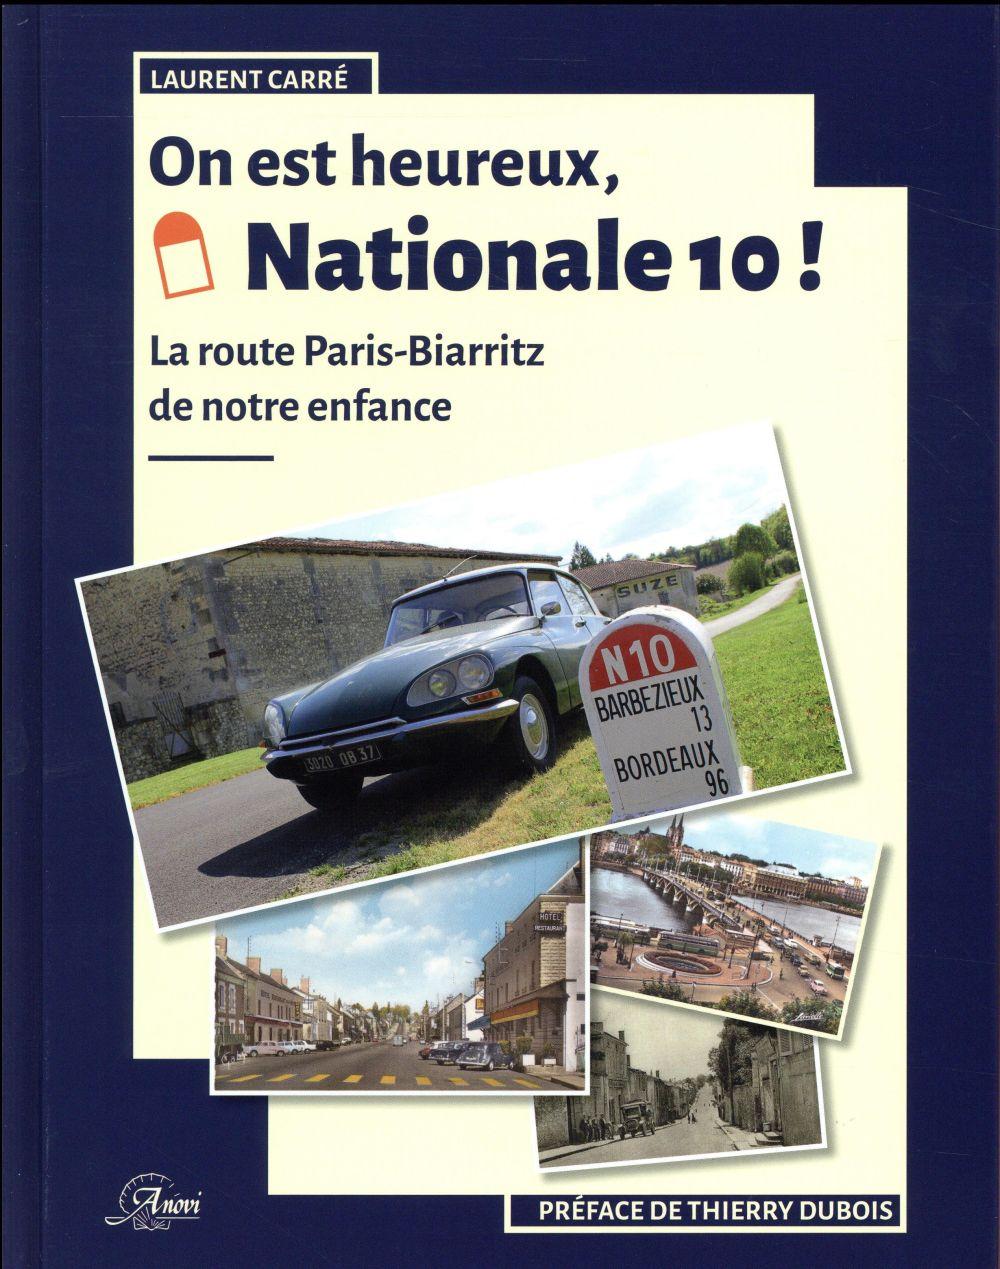 On est heureux, Nationale 10 ! la route Paris-Biarritz de notre enfance (2e édition)